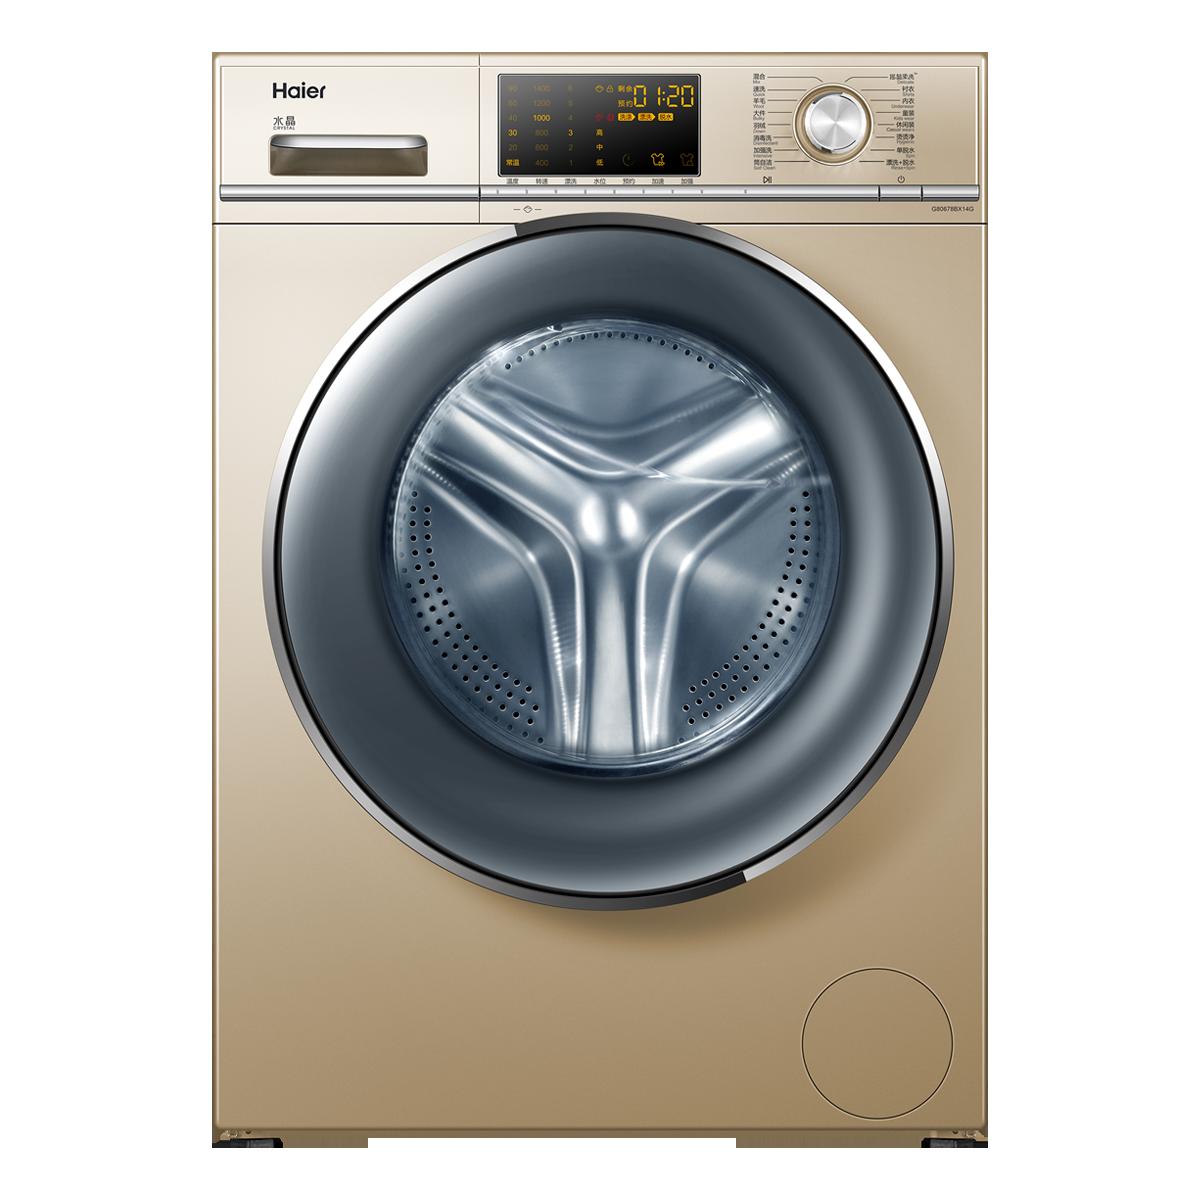 海尔Haier洗衣机 G80678BX14G 说明书